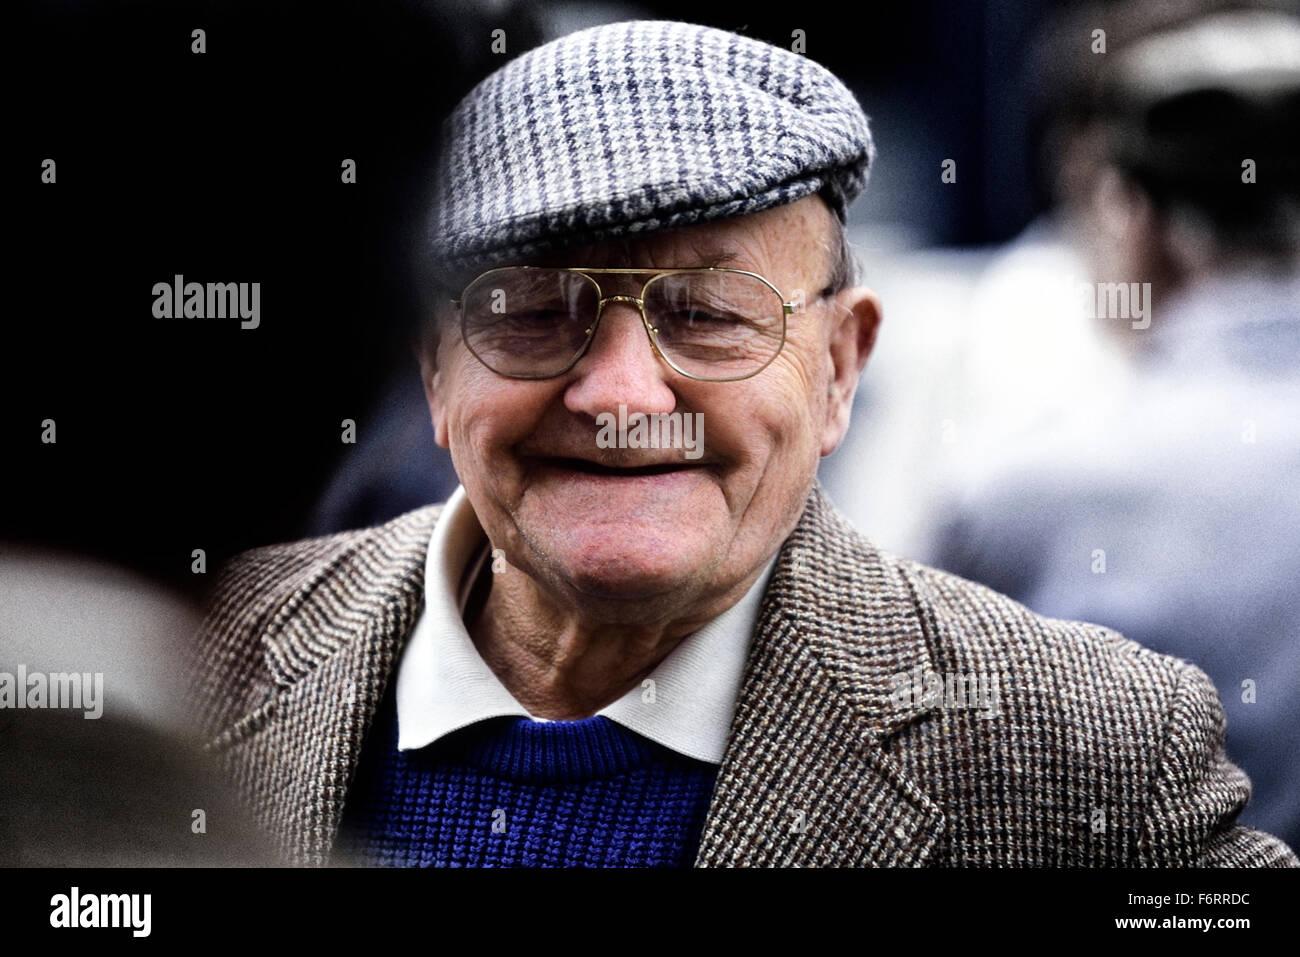 Un vieux monsieur portant une casquette et une veste en tweed Photo Stock